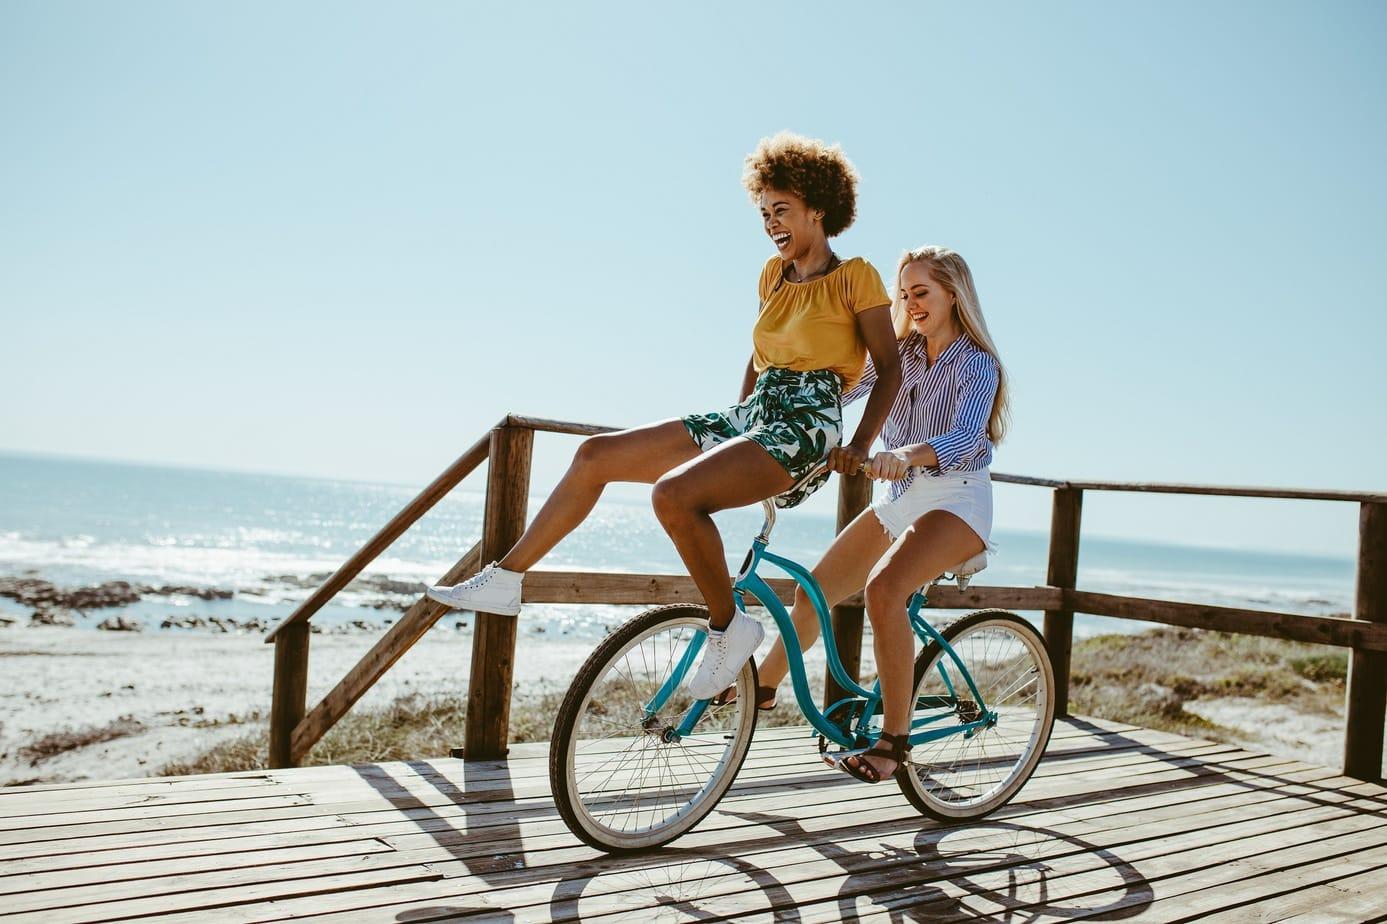 Girls having a great fun on bike